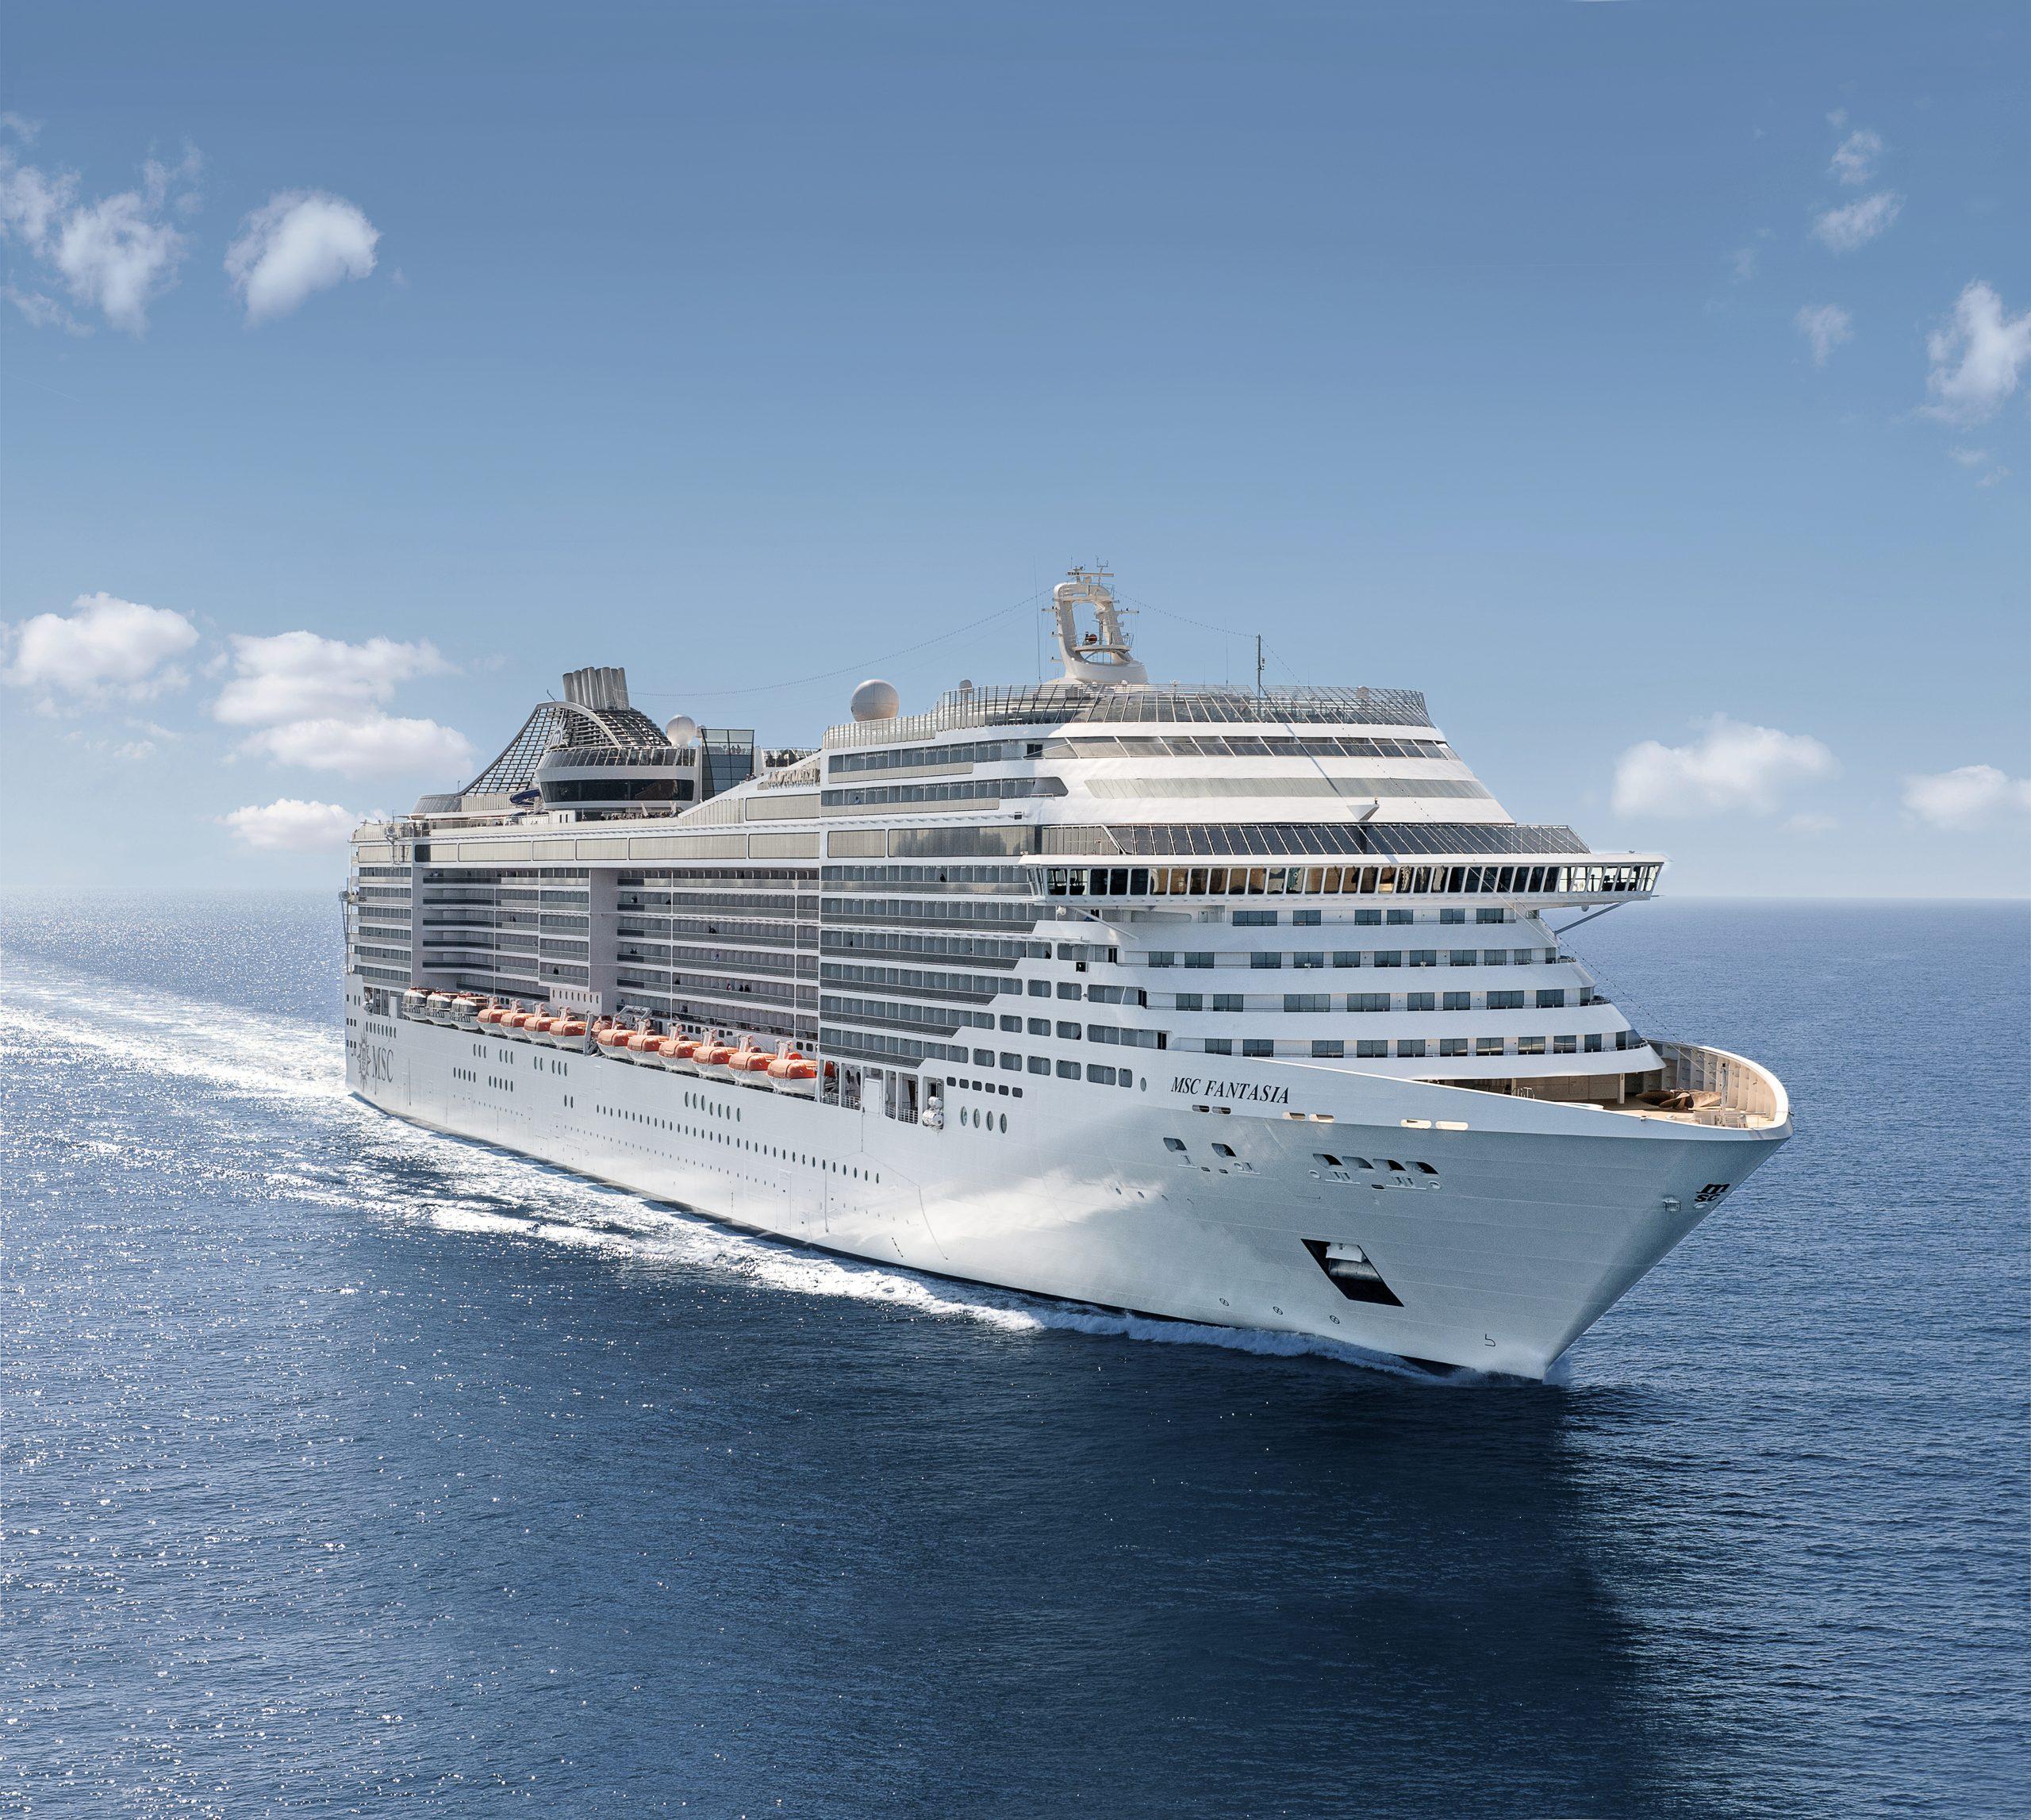 Ursprünglich wollte die MSC ab dem 1. August wieder mit Kurzkreuzfahrten im Mittelmeer starten, doch muss das jetzt um mindestens 2 Wochen verschieben